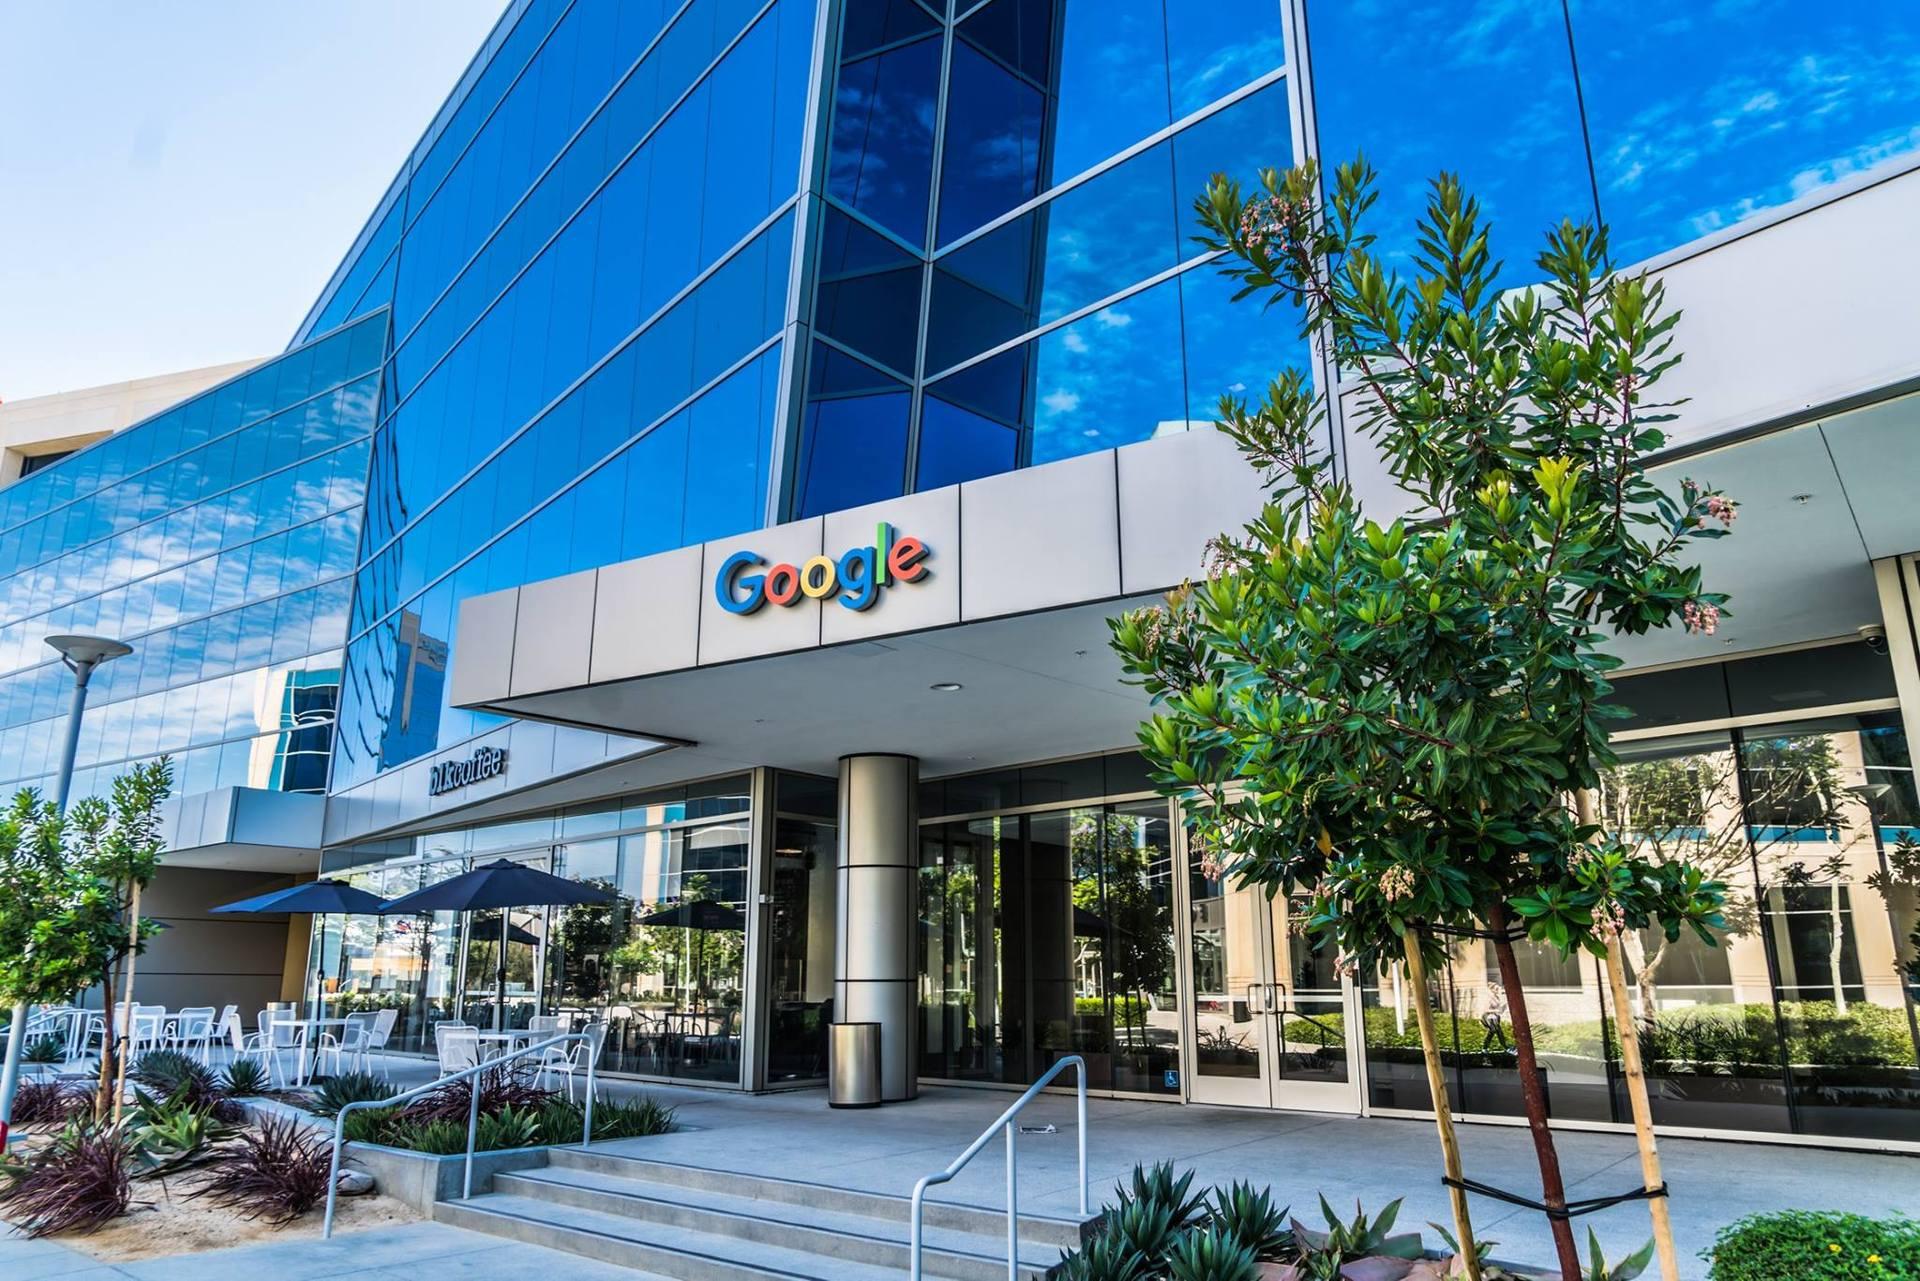 Поспілкуєтесь із представниками штаб квартир відомих компаній (Google, Facebook, Amazon тощо), поставите важливі для вас питання і отримаєте відповіді, корисні для свого бізнесу